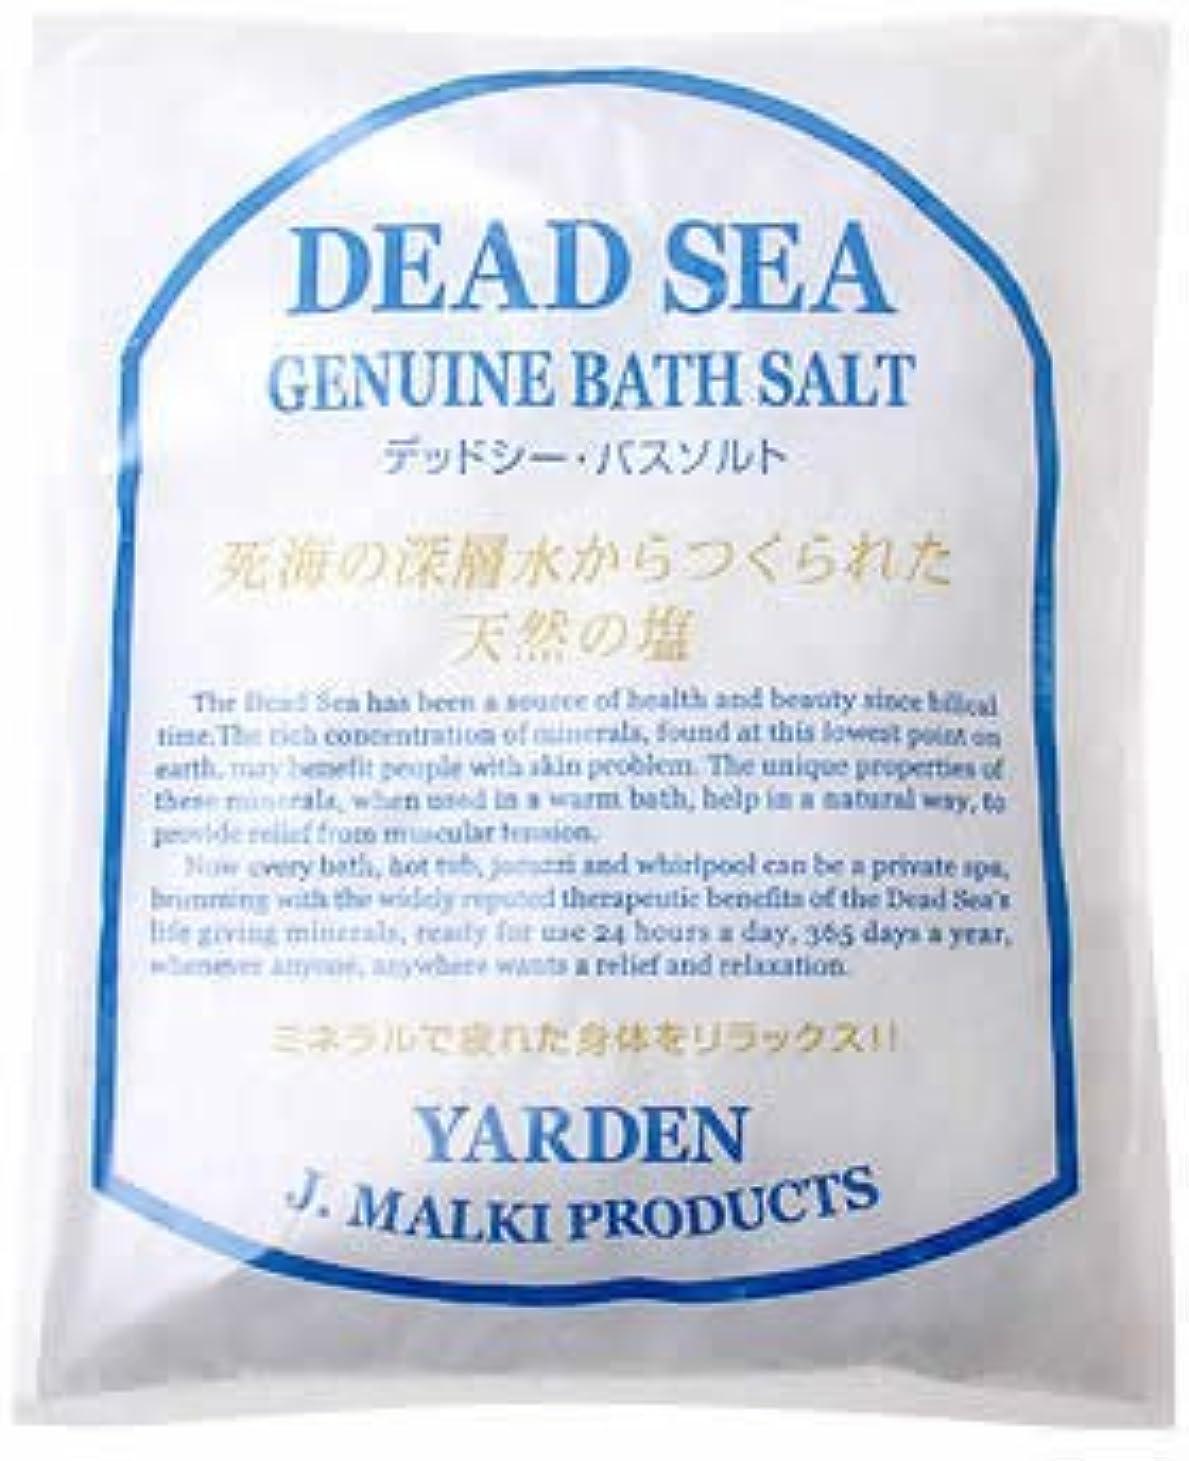 フレキシブルロンドン欠かせないJ.M デッドシー?バスソルト(GENUINE BATH SALT) 100g